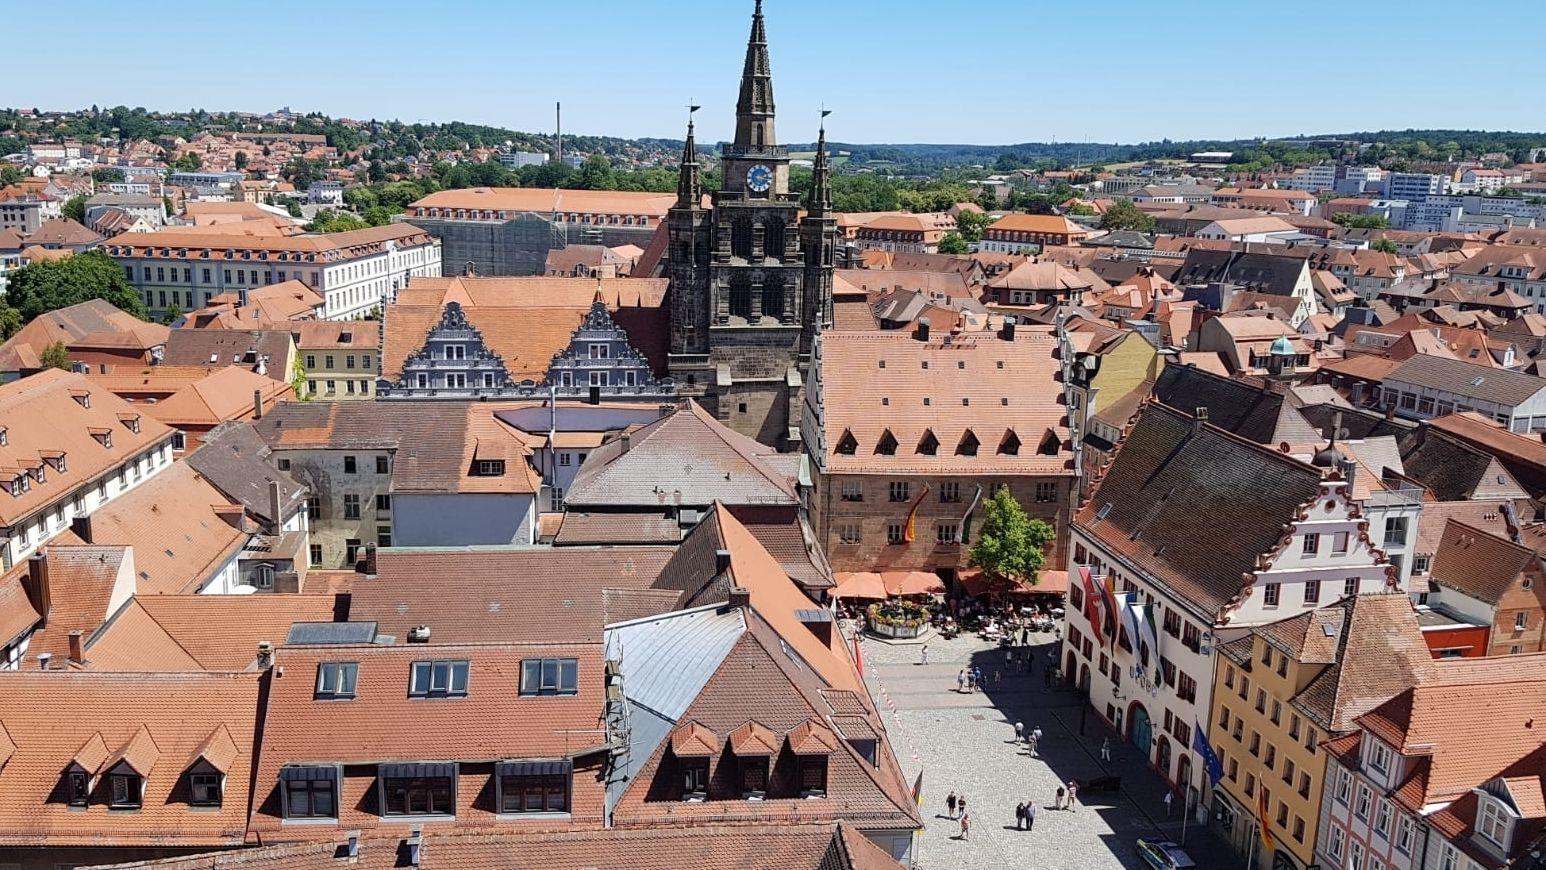 Stadt Ansbach freut sich über Landesausstellung 2022